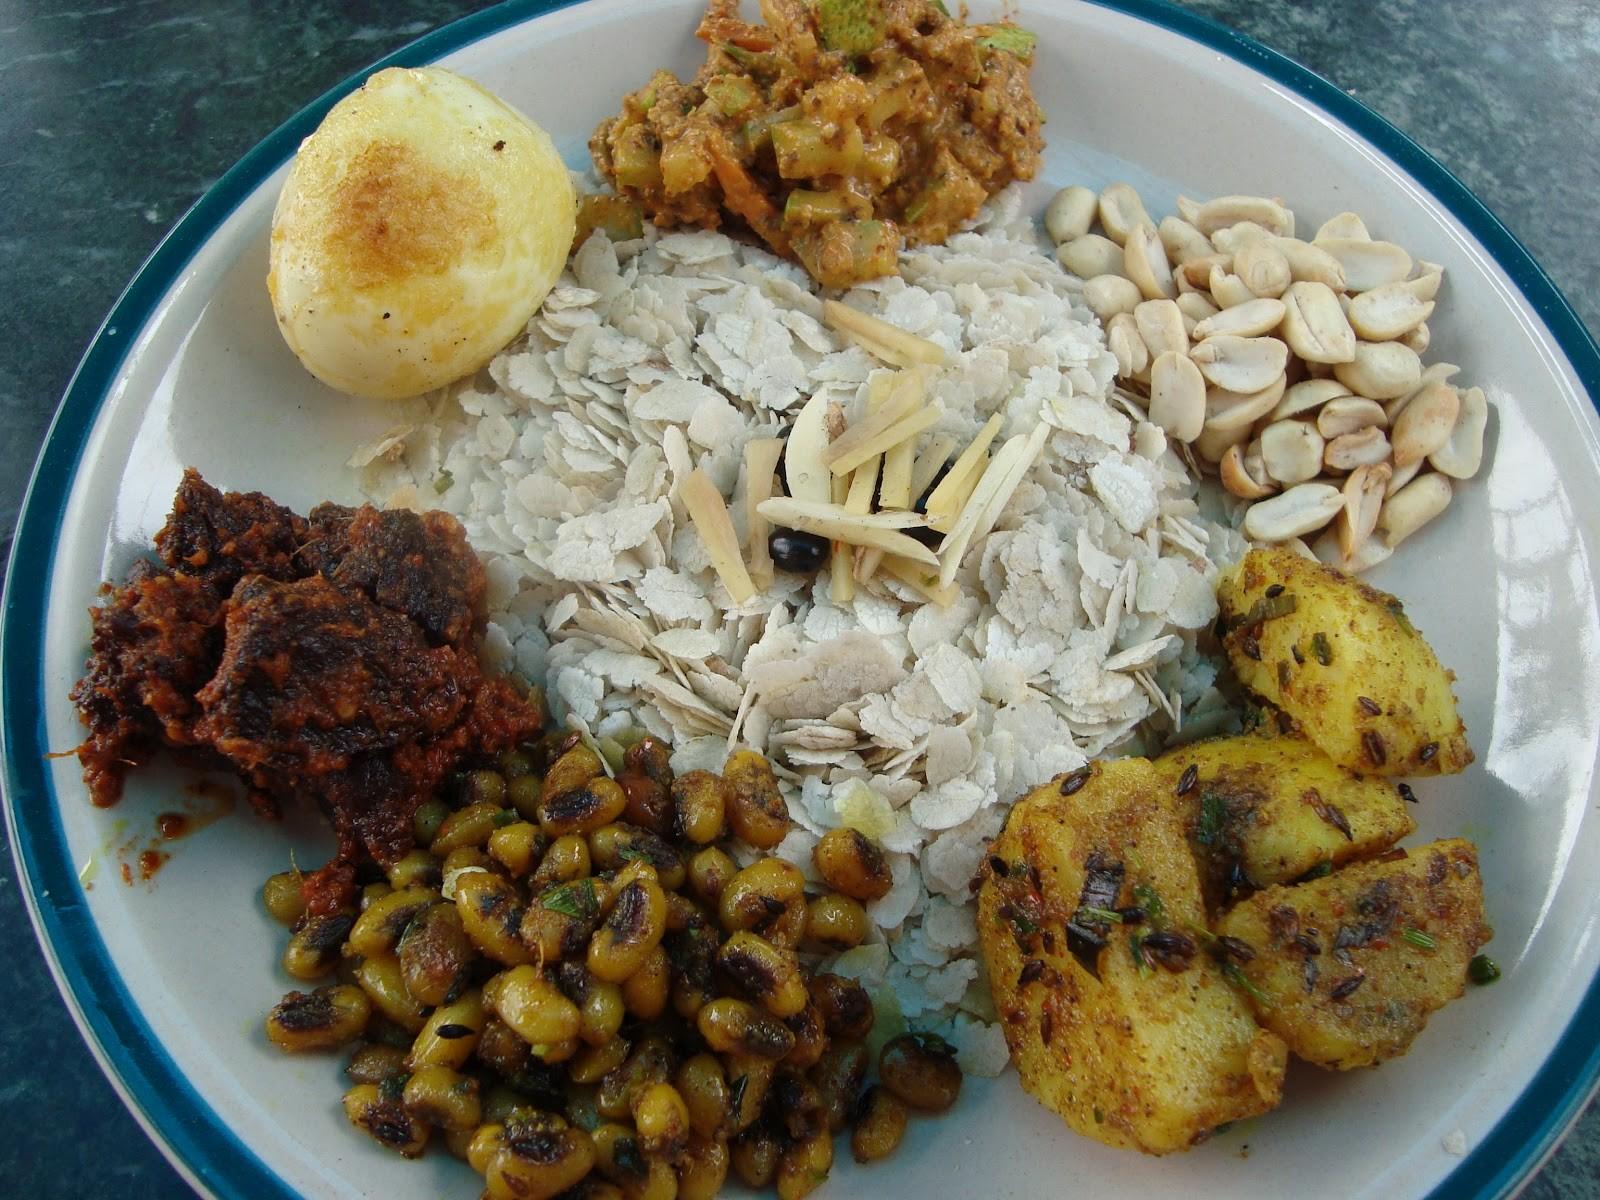 超絶日本人好み!ネパールで絶対食べたいウマすぎるネパール料理9種ご紹介